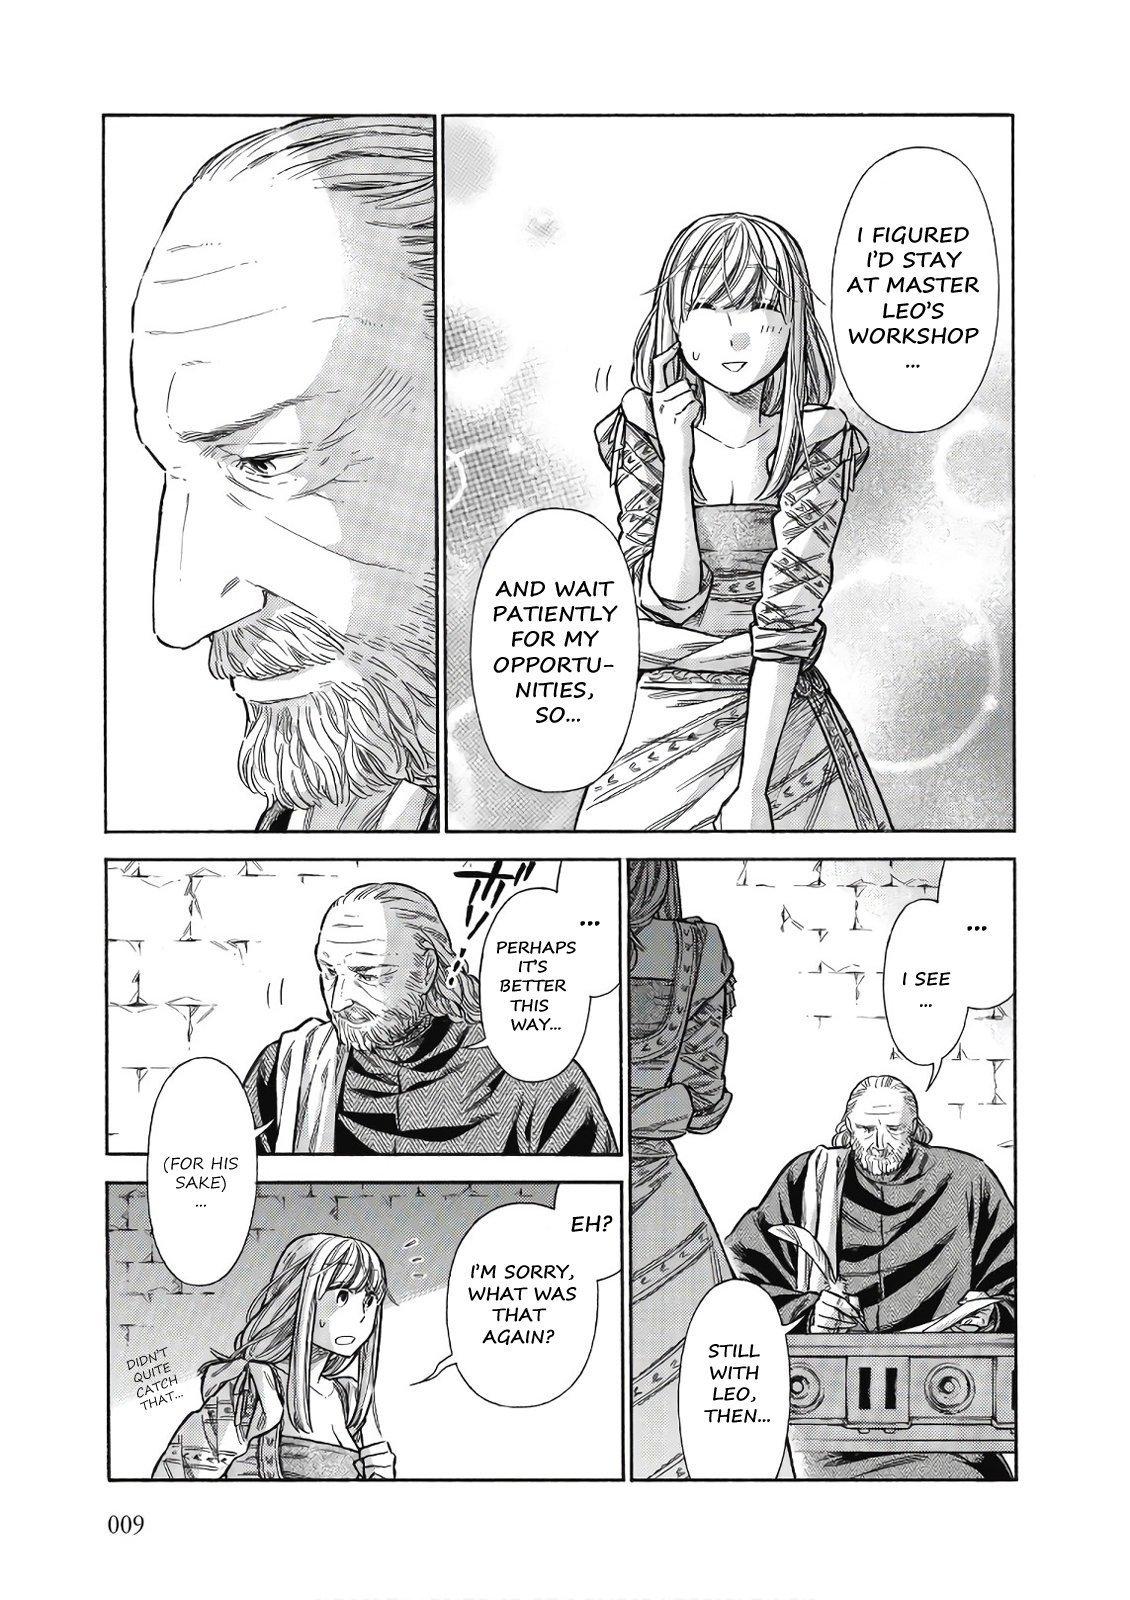 Manga Arte - Chapter 41 Page 8